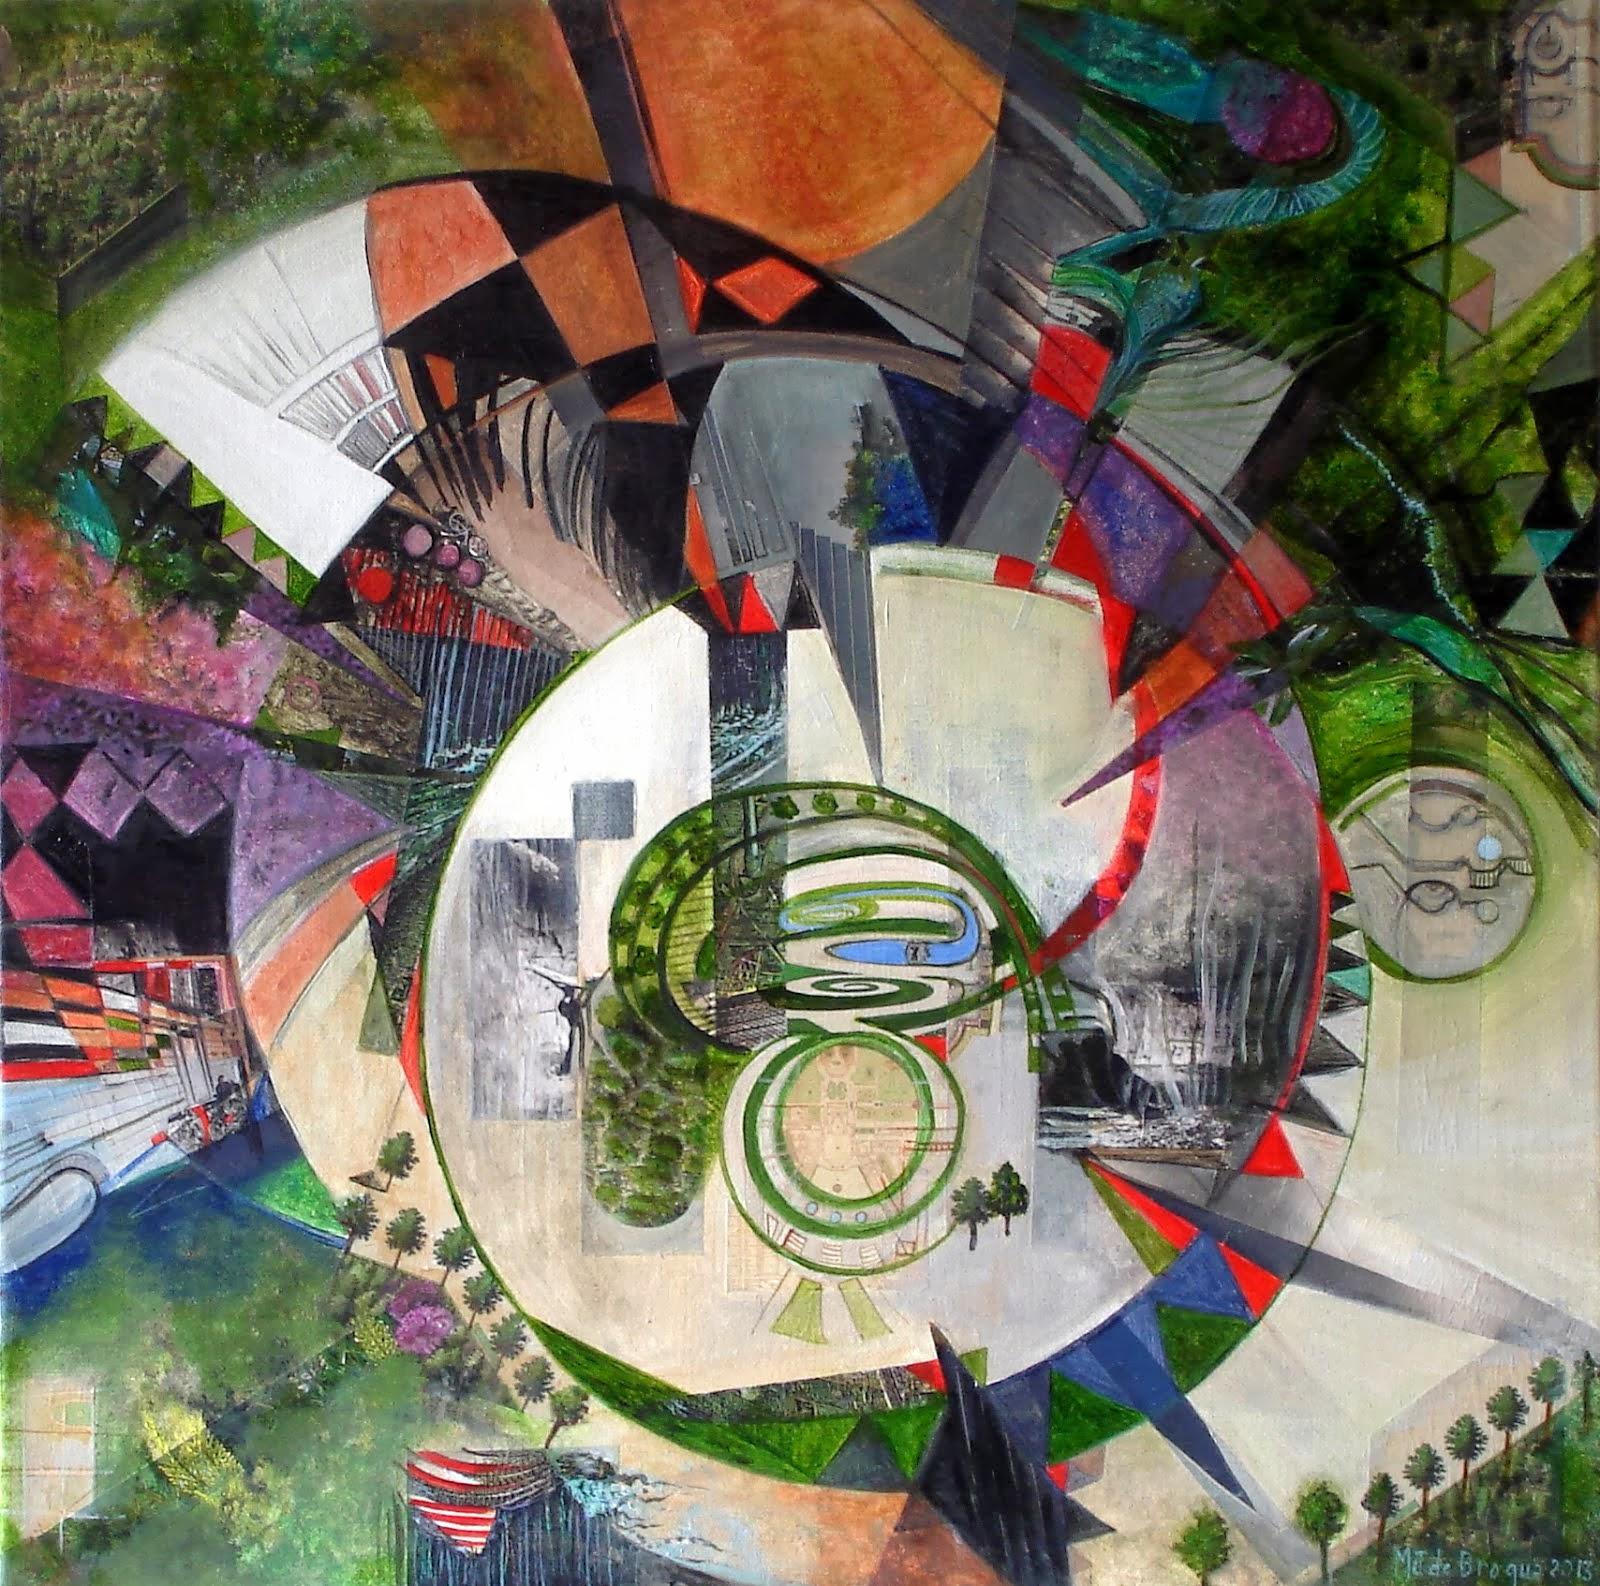 Promenade dans un jardin - 50 x 50 cm - 2013